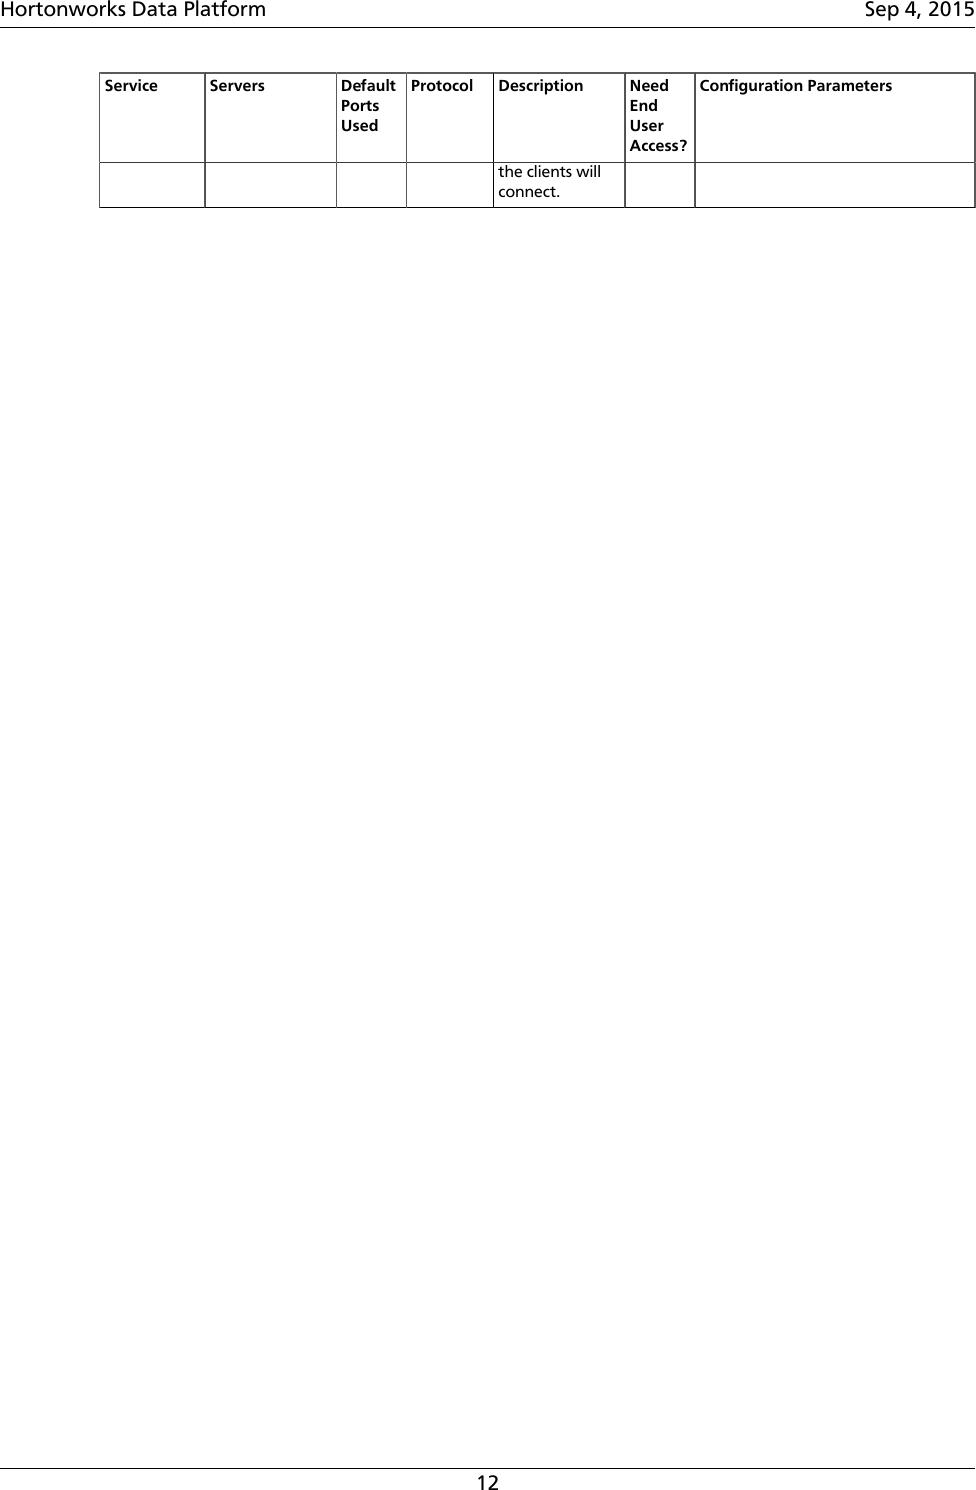 Hortonworks Data Platform HDP Reference Guide 20150904